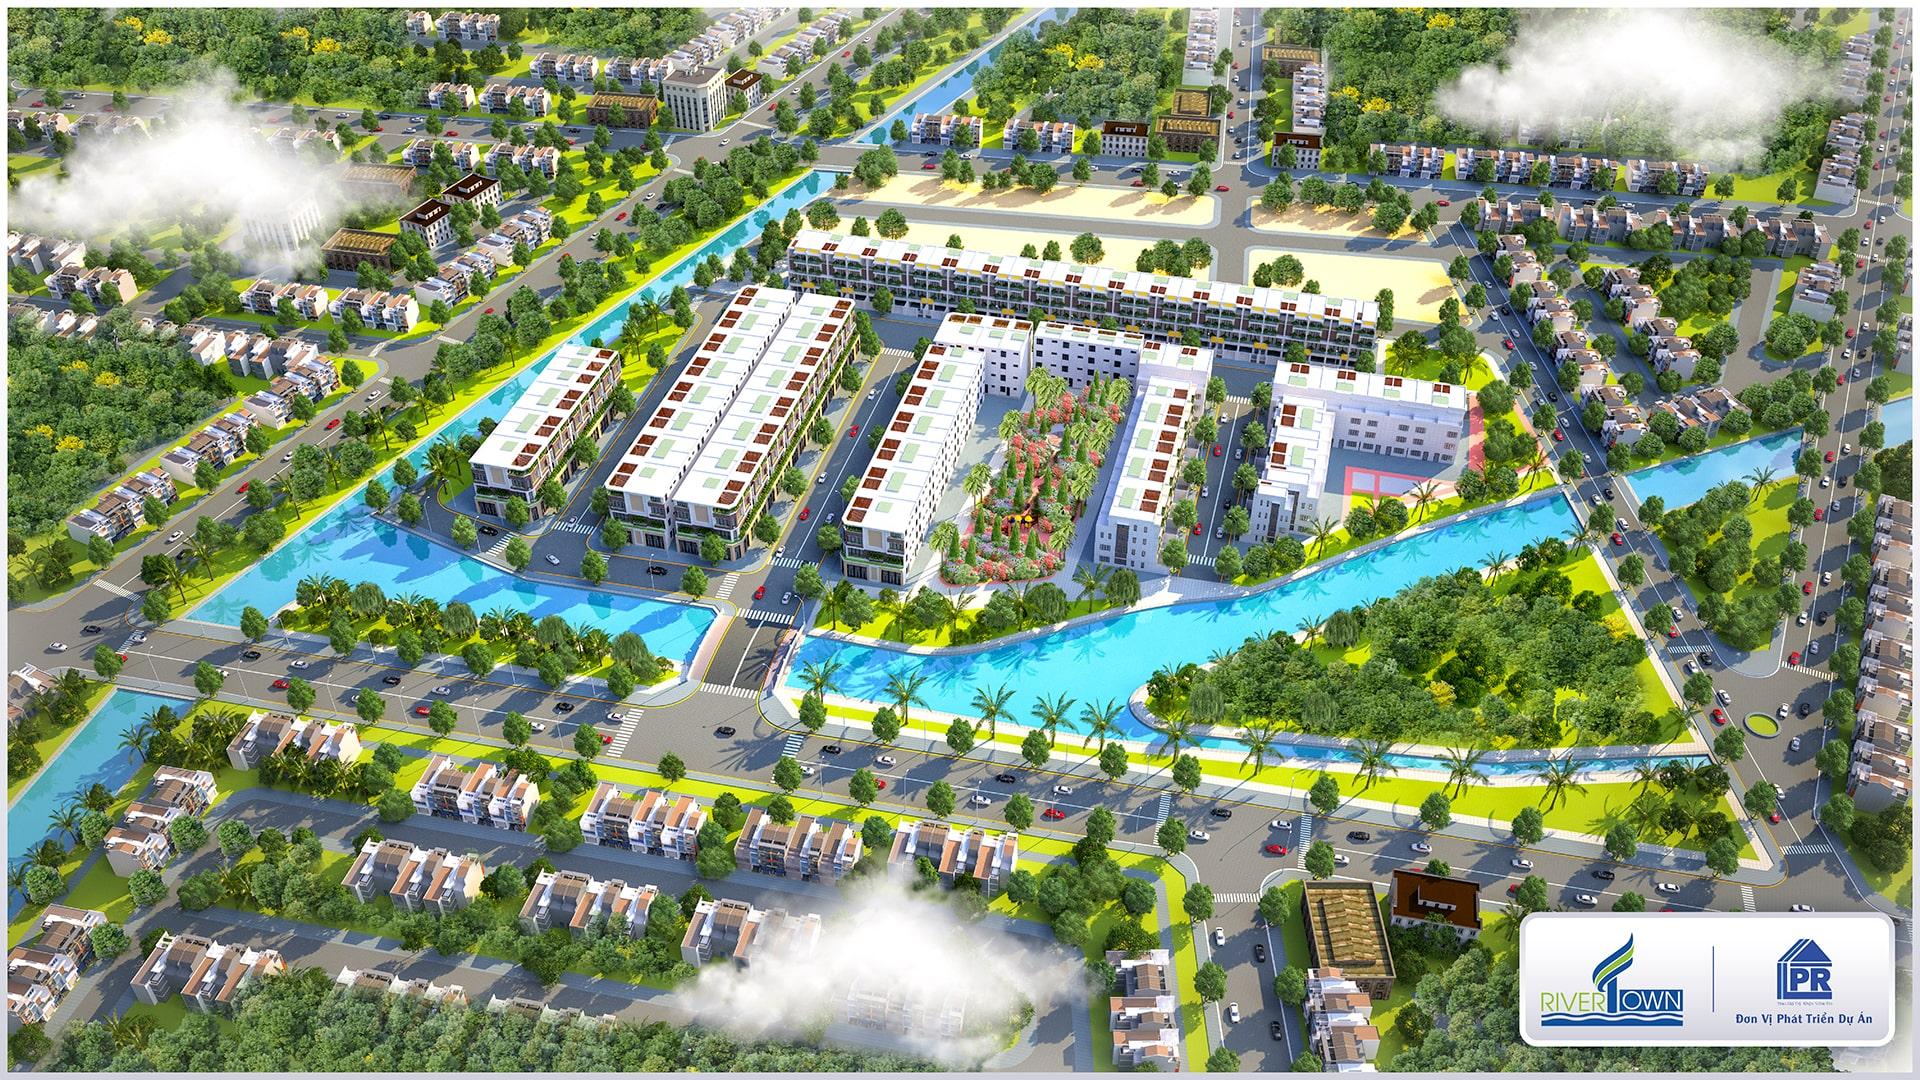 Phối Cảnh Tổng Thể Dự Án River Town Củ Chi